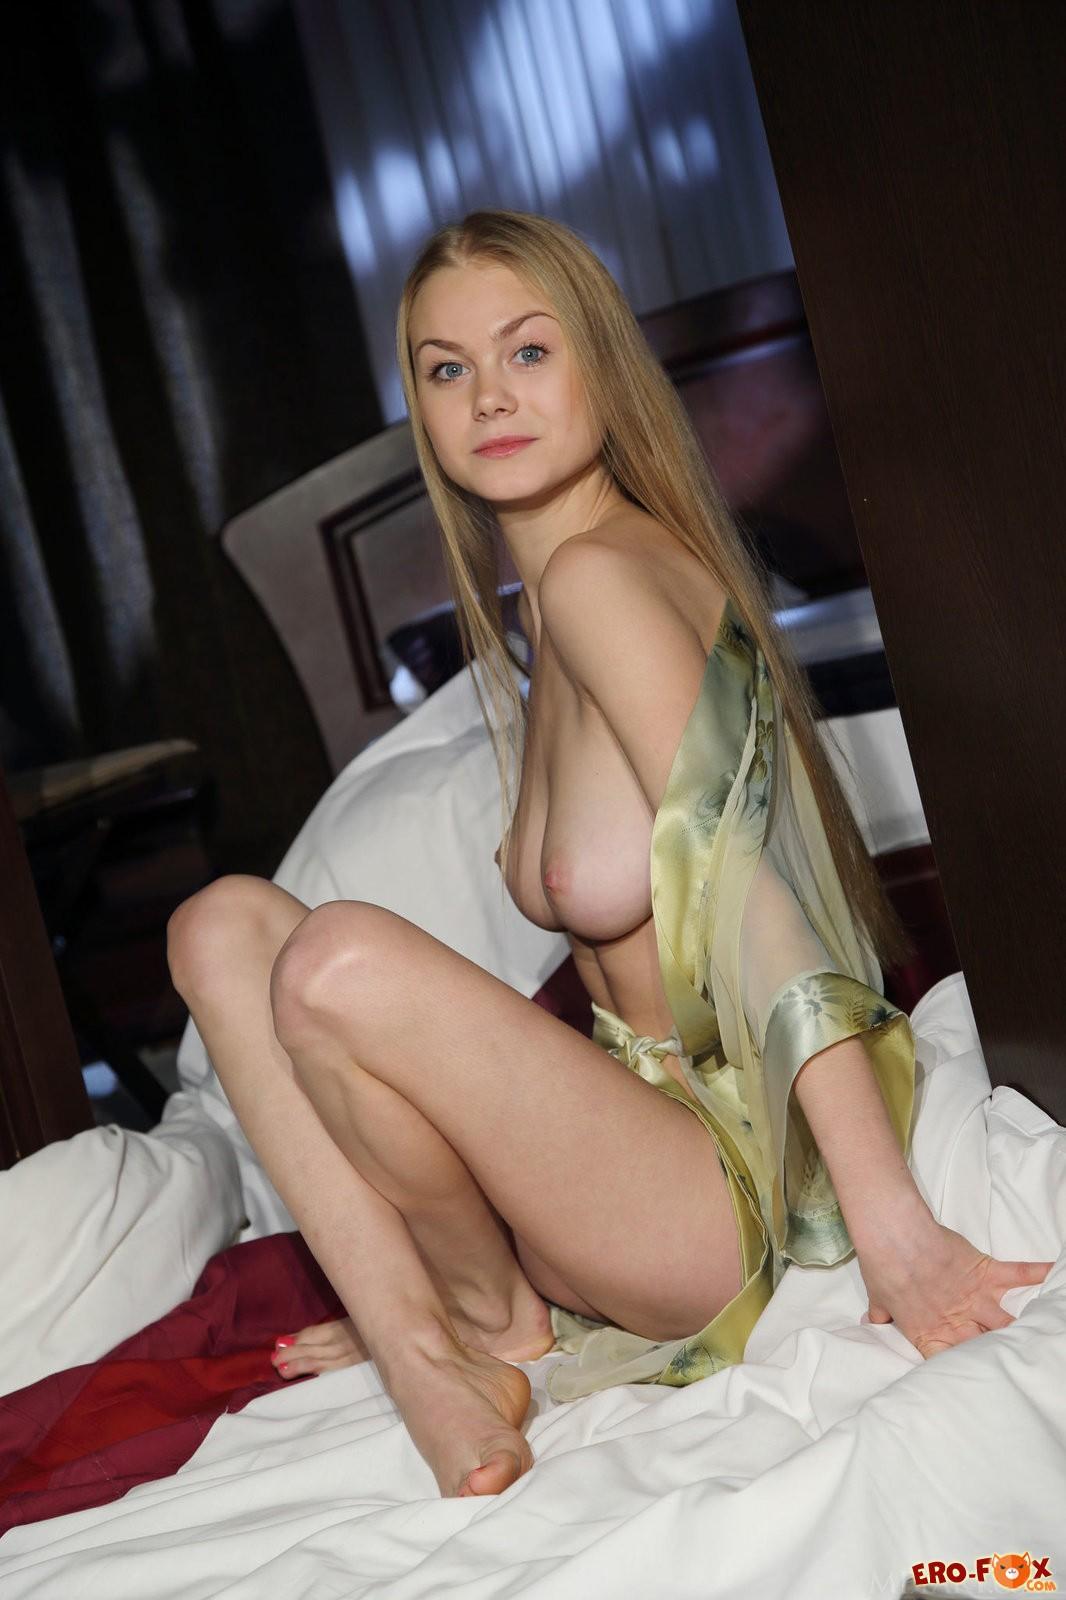 Сисястая блондинка раком в постели голая